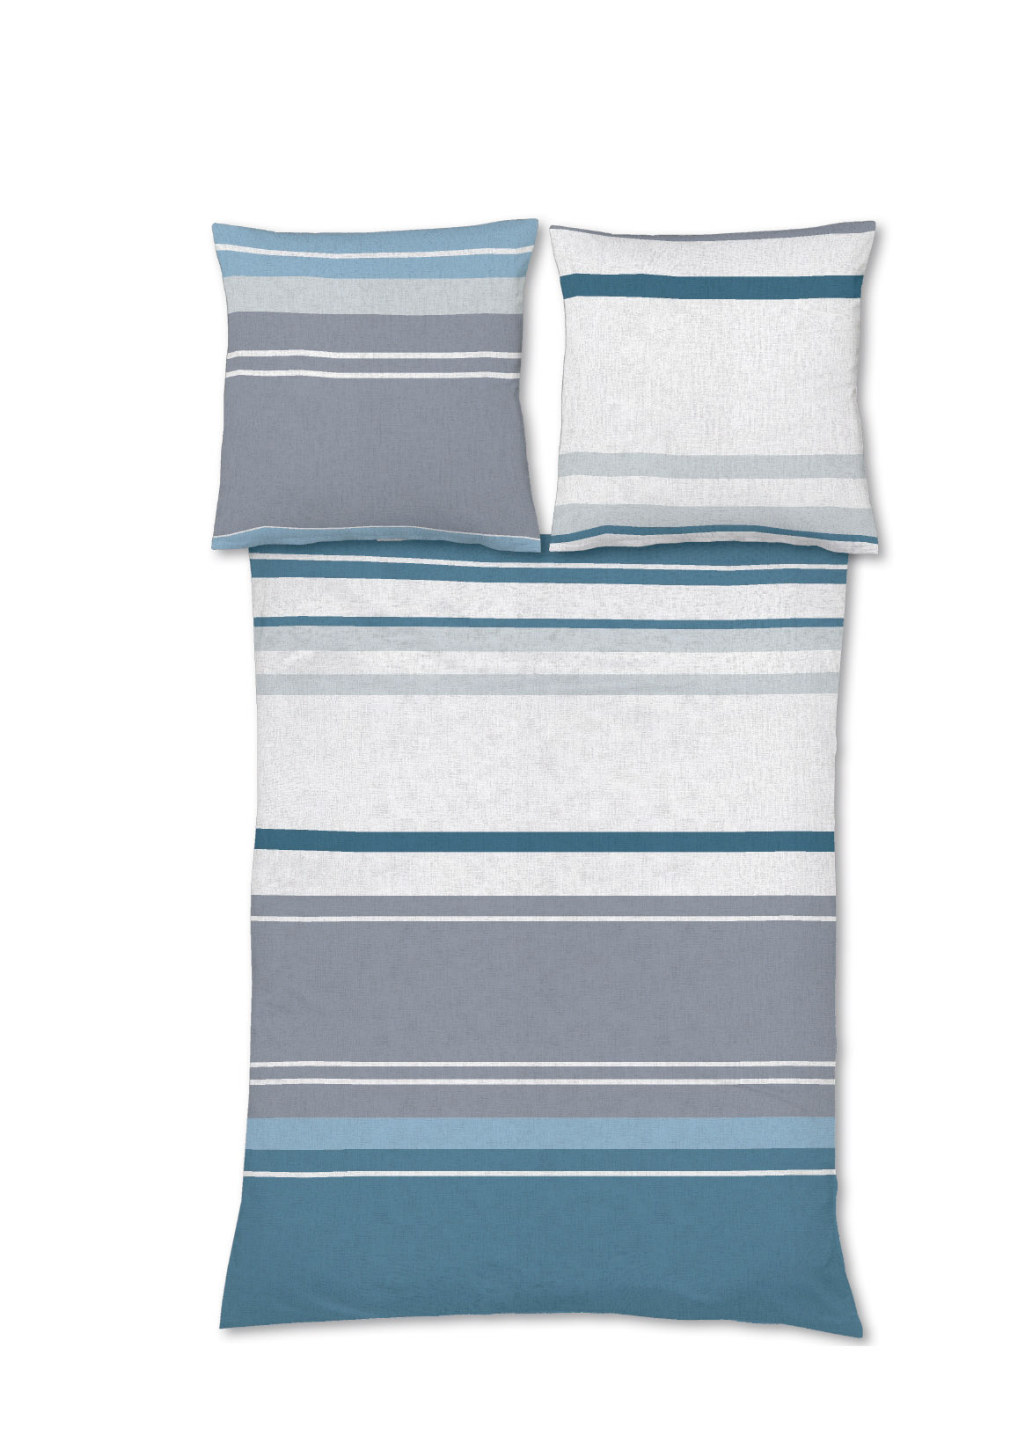 Blaue Biber Bettwäsche mit Streifen für den Winter